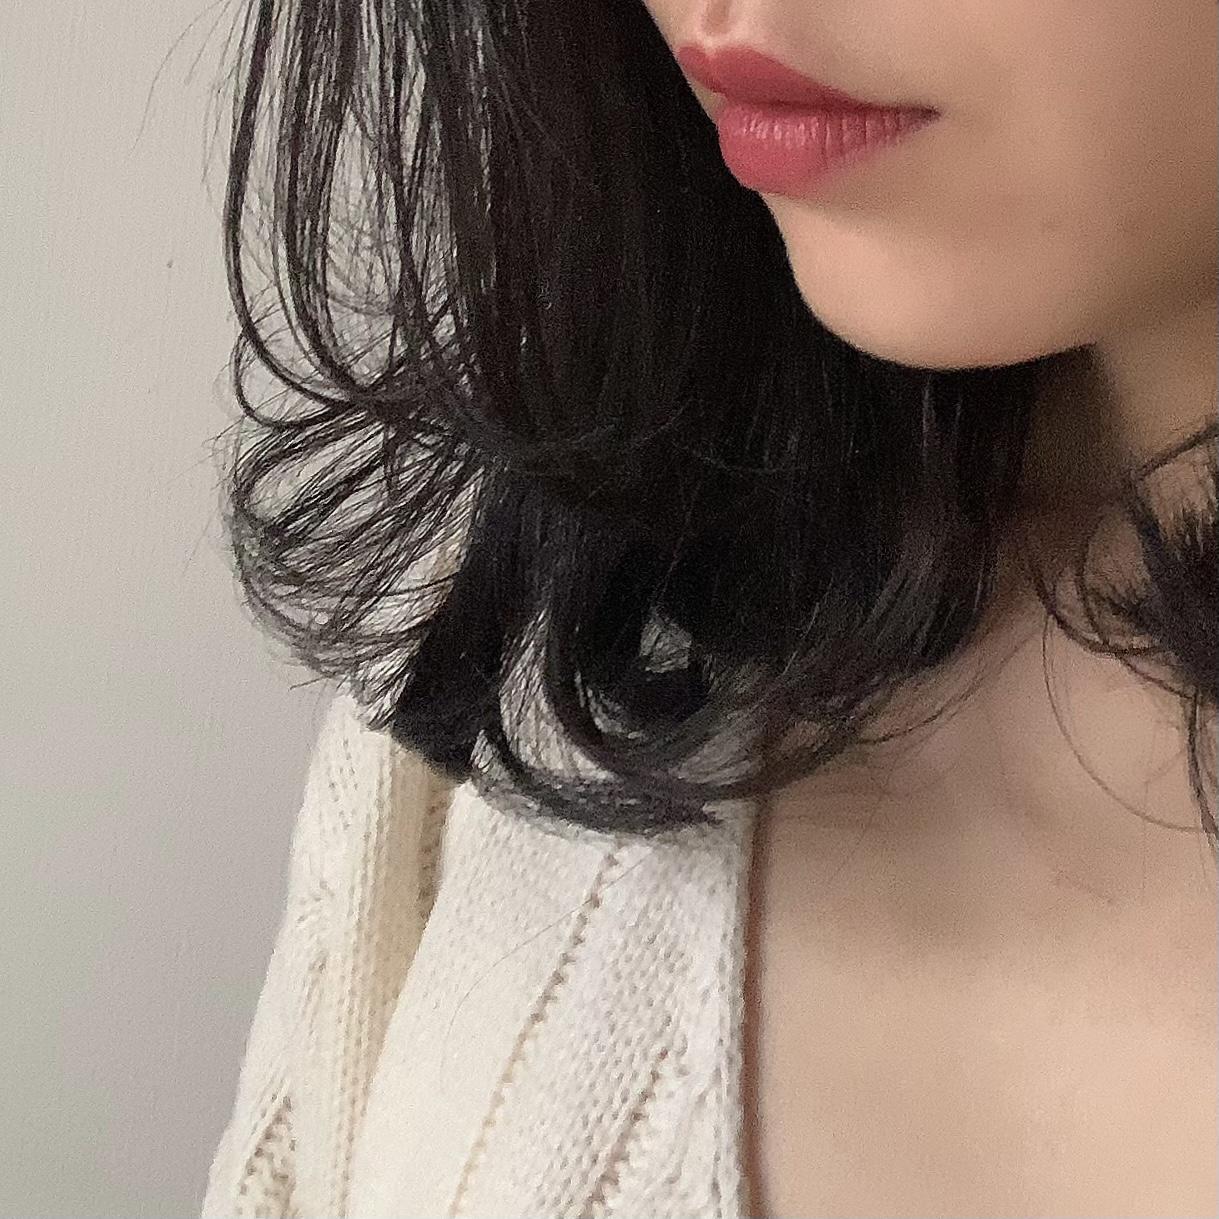 かず / 女性のプロフィール画像